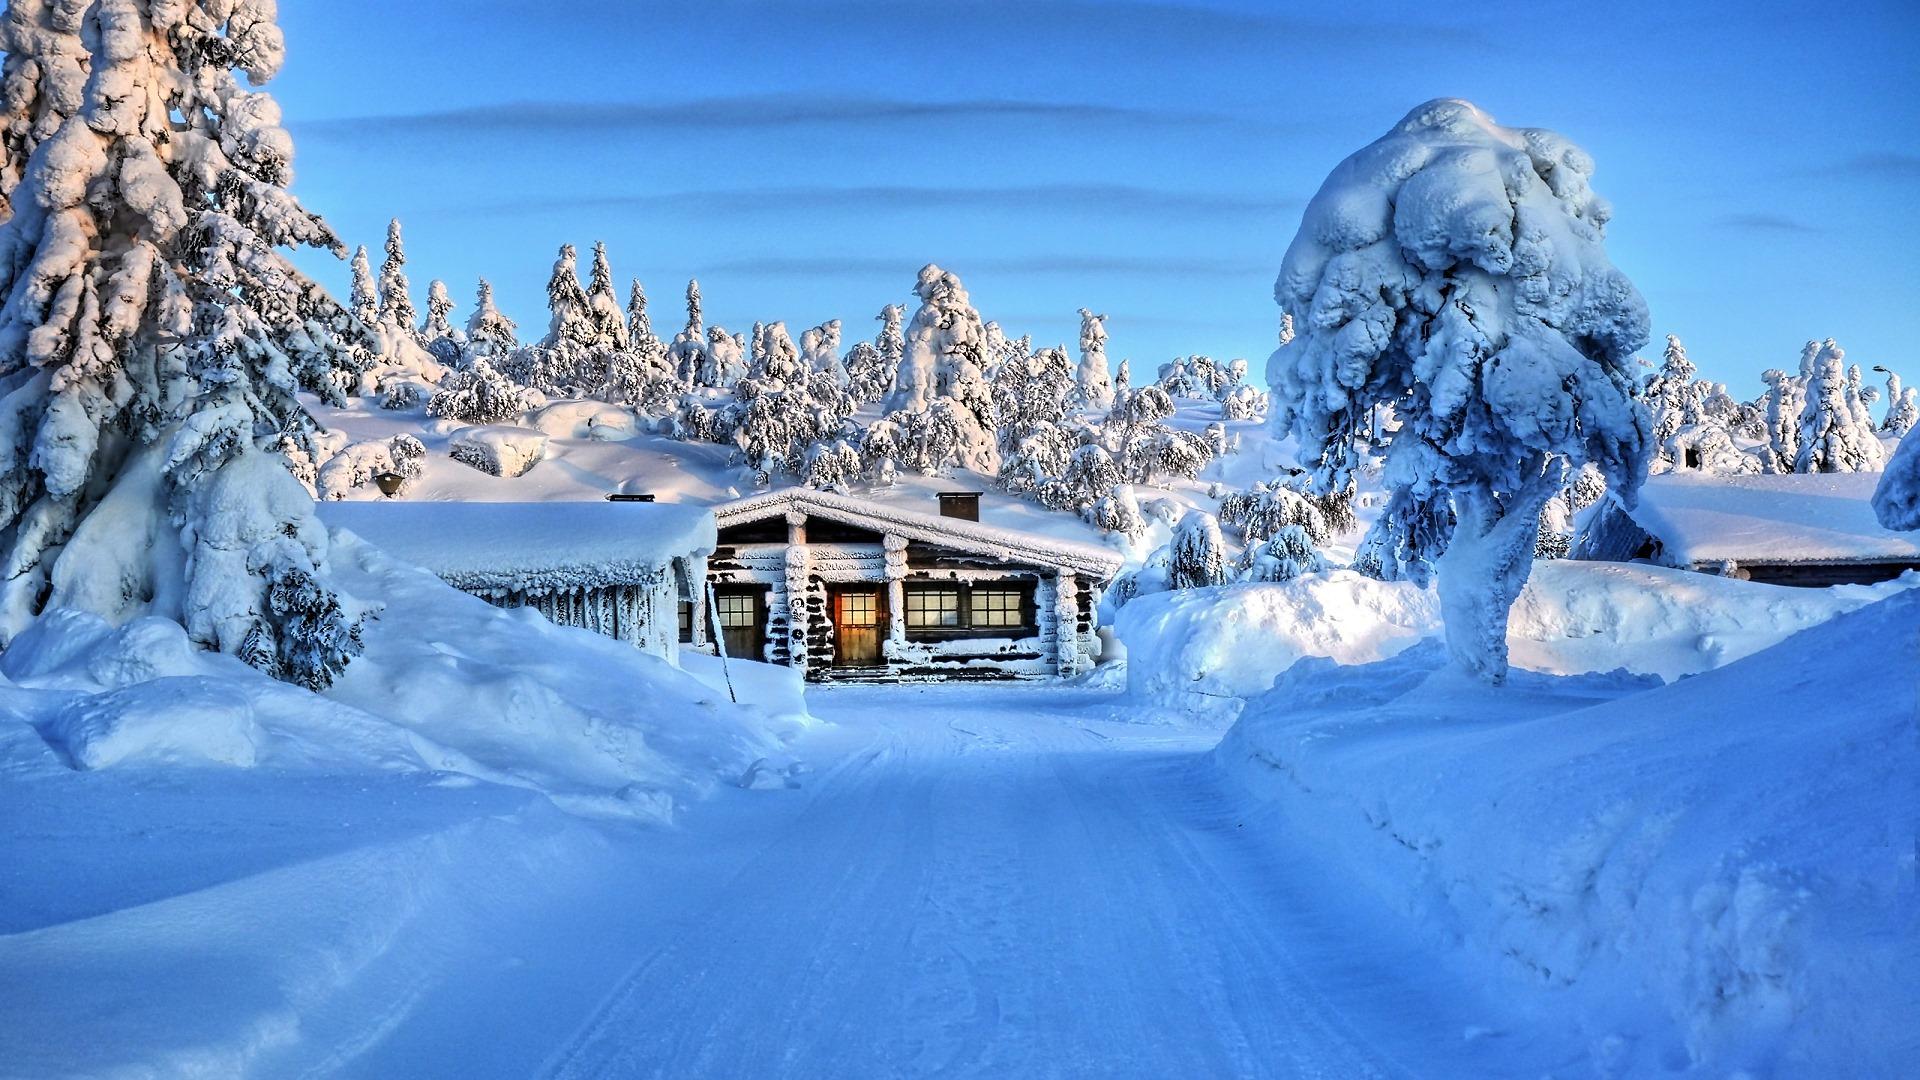 hintergrundbilder winter weihnachten